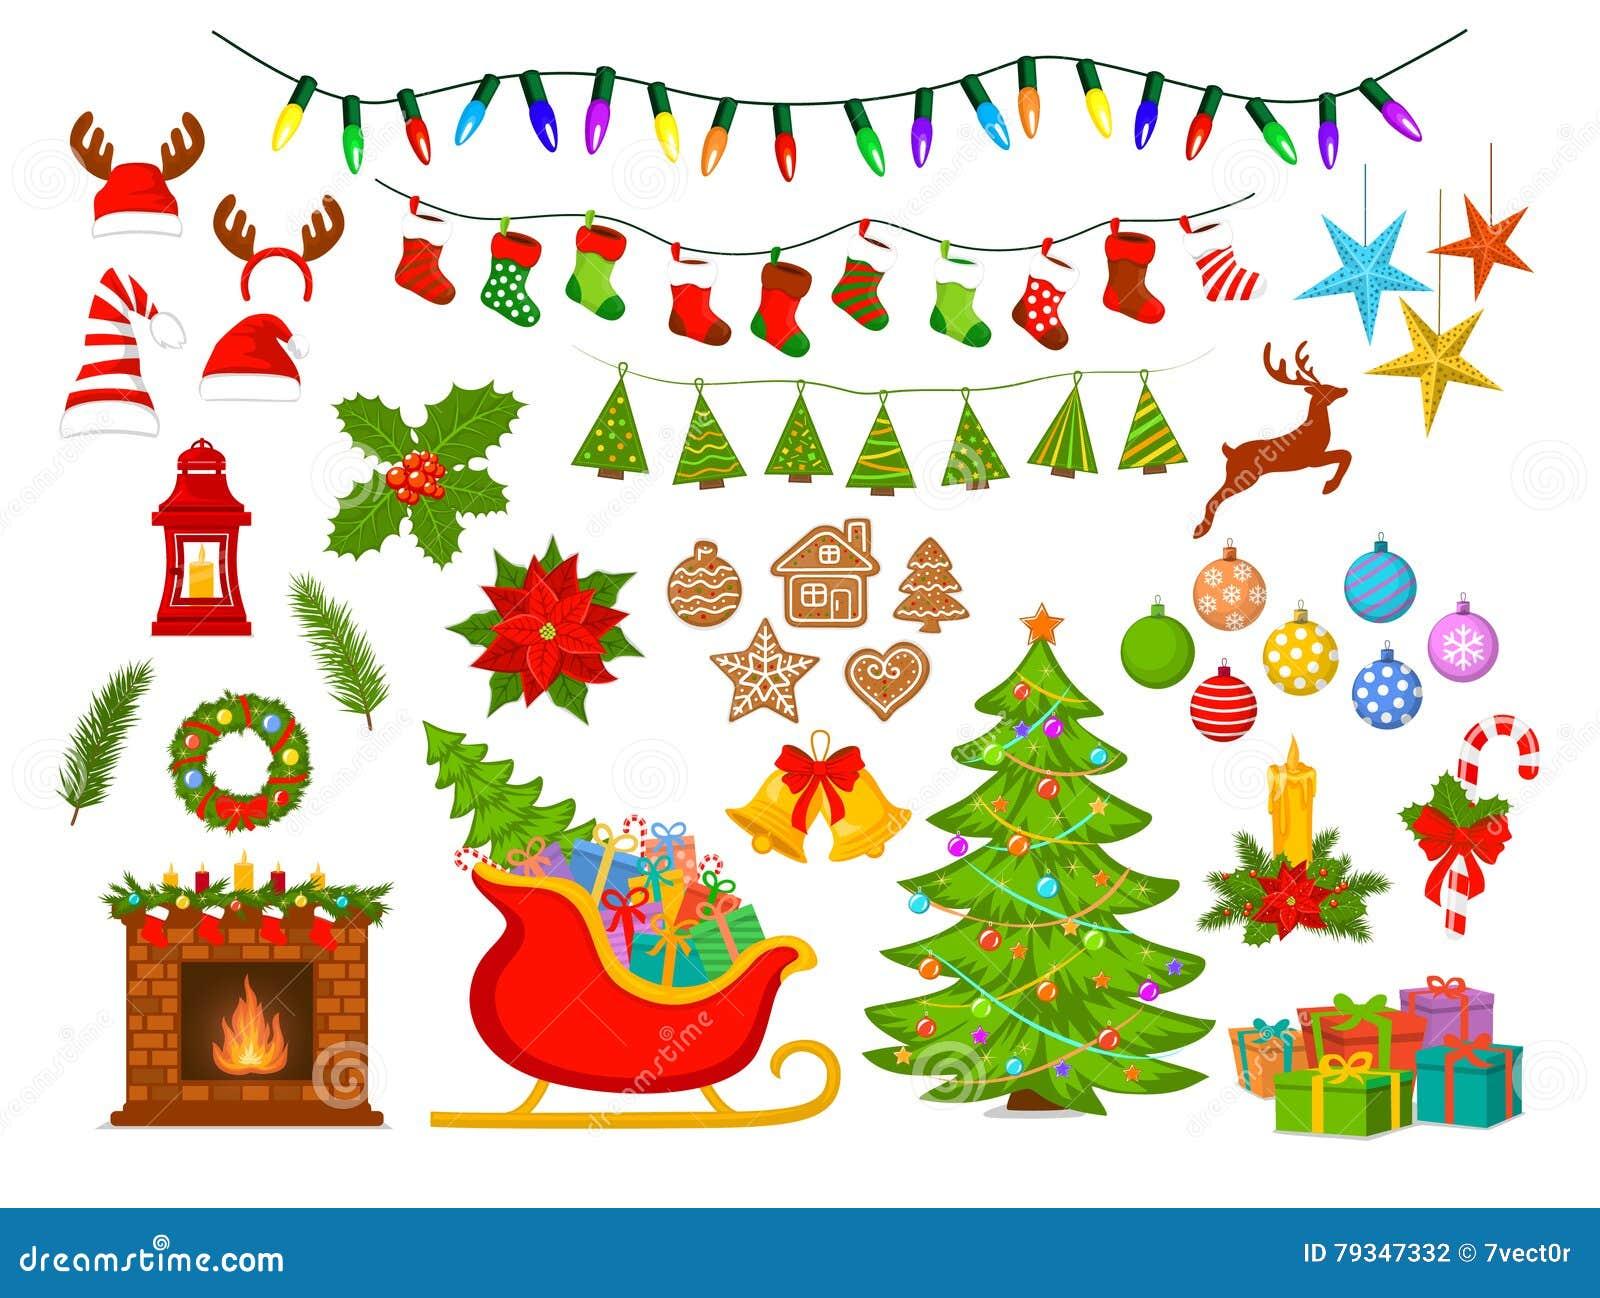 Feliz navidad y feliz a o nuevo estacionales art culos for Articulos de decoracion para navidad